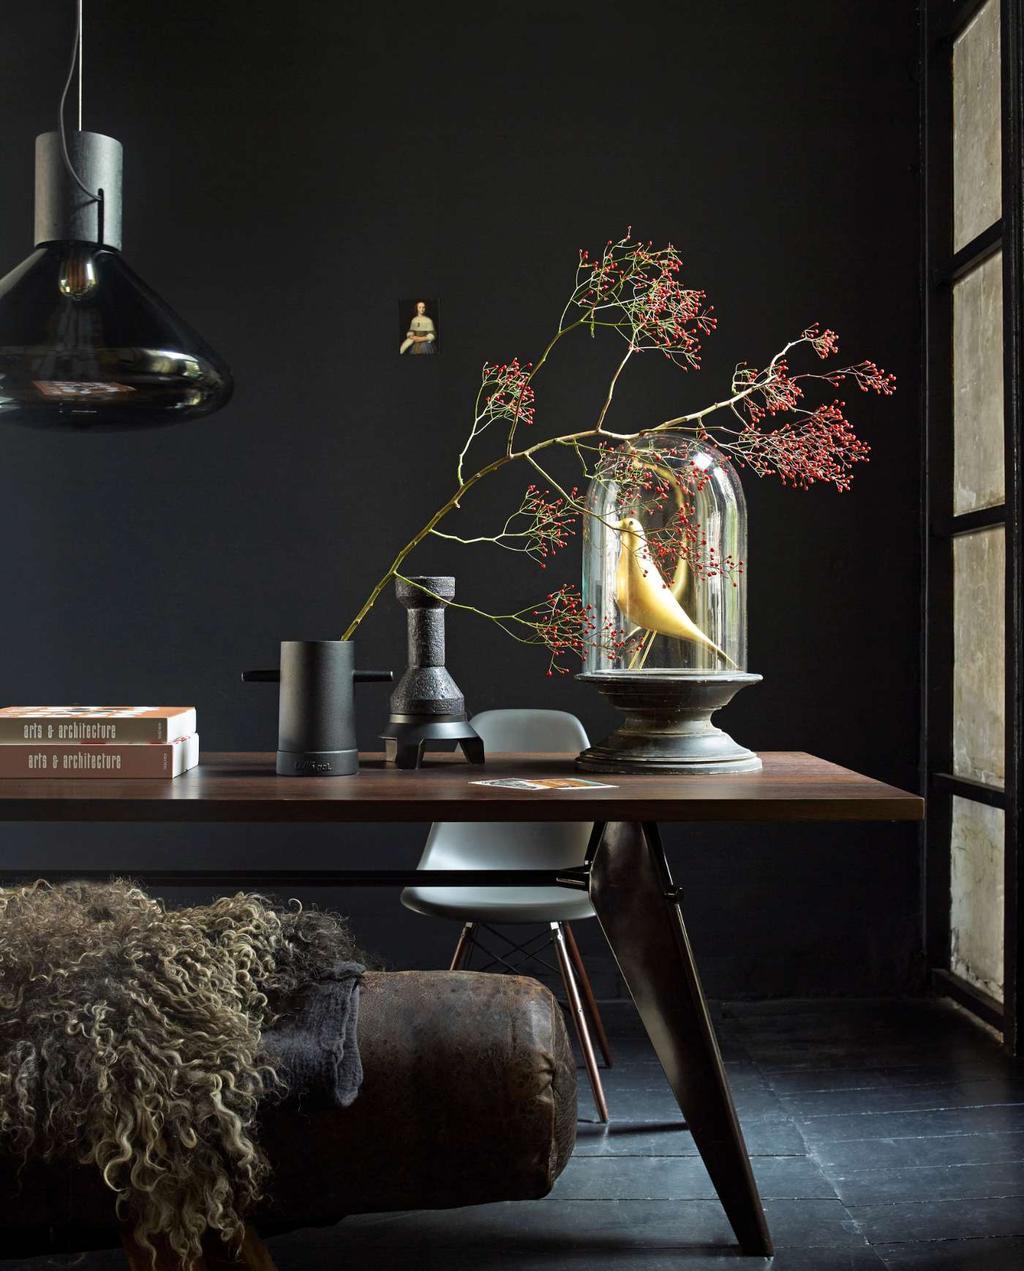 Klassieke woonstijl donker interieur grote eettafel met stolp vaas en hanglamp